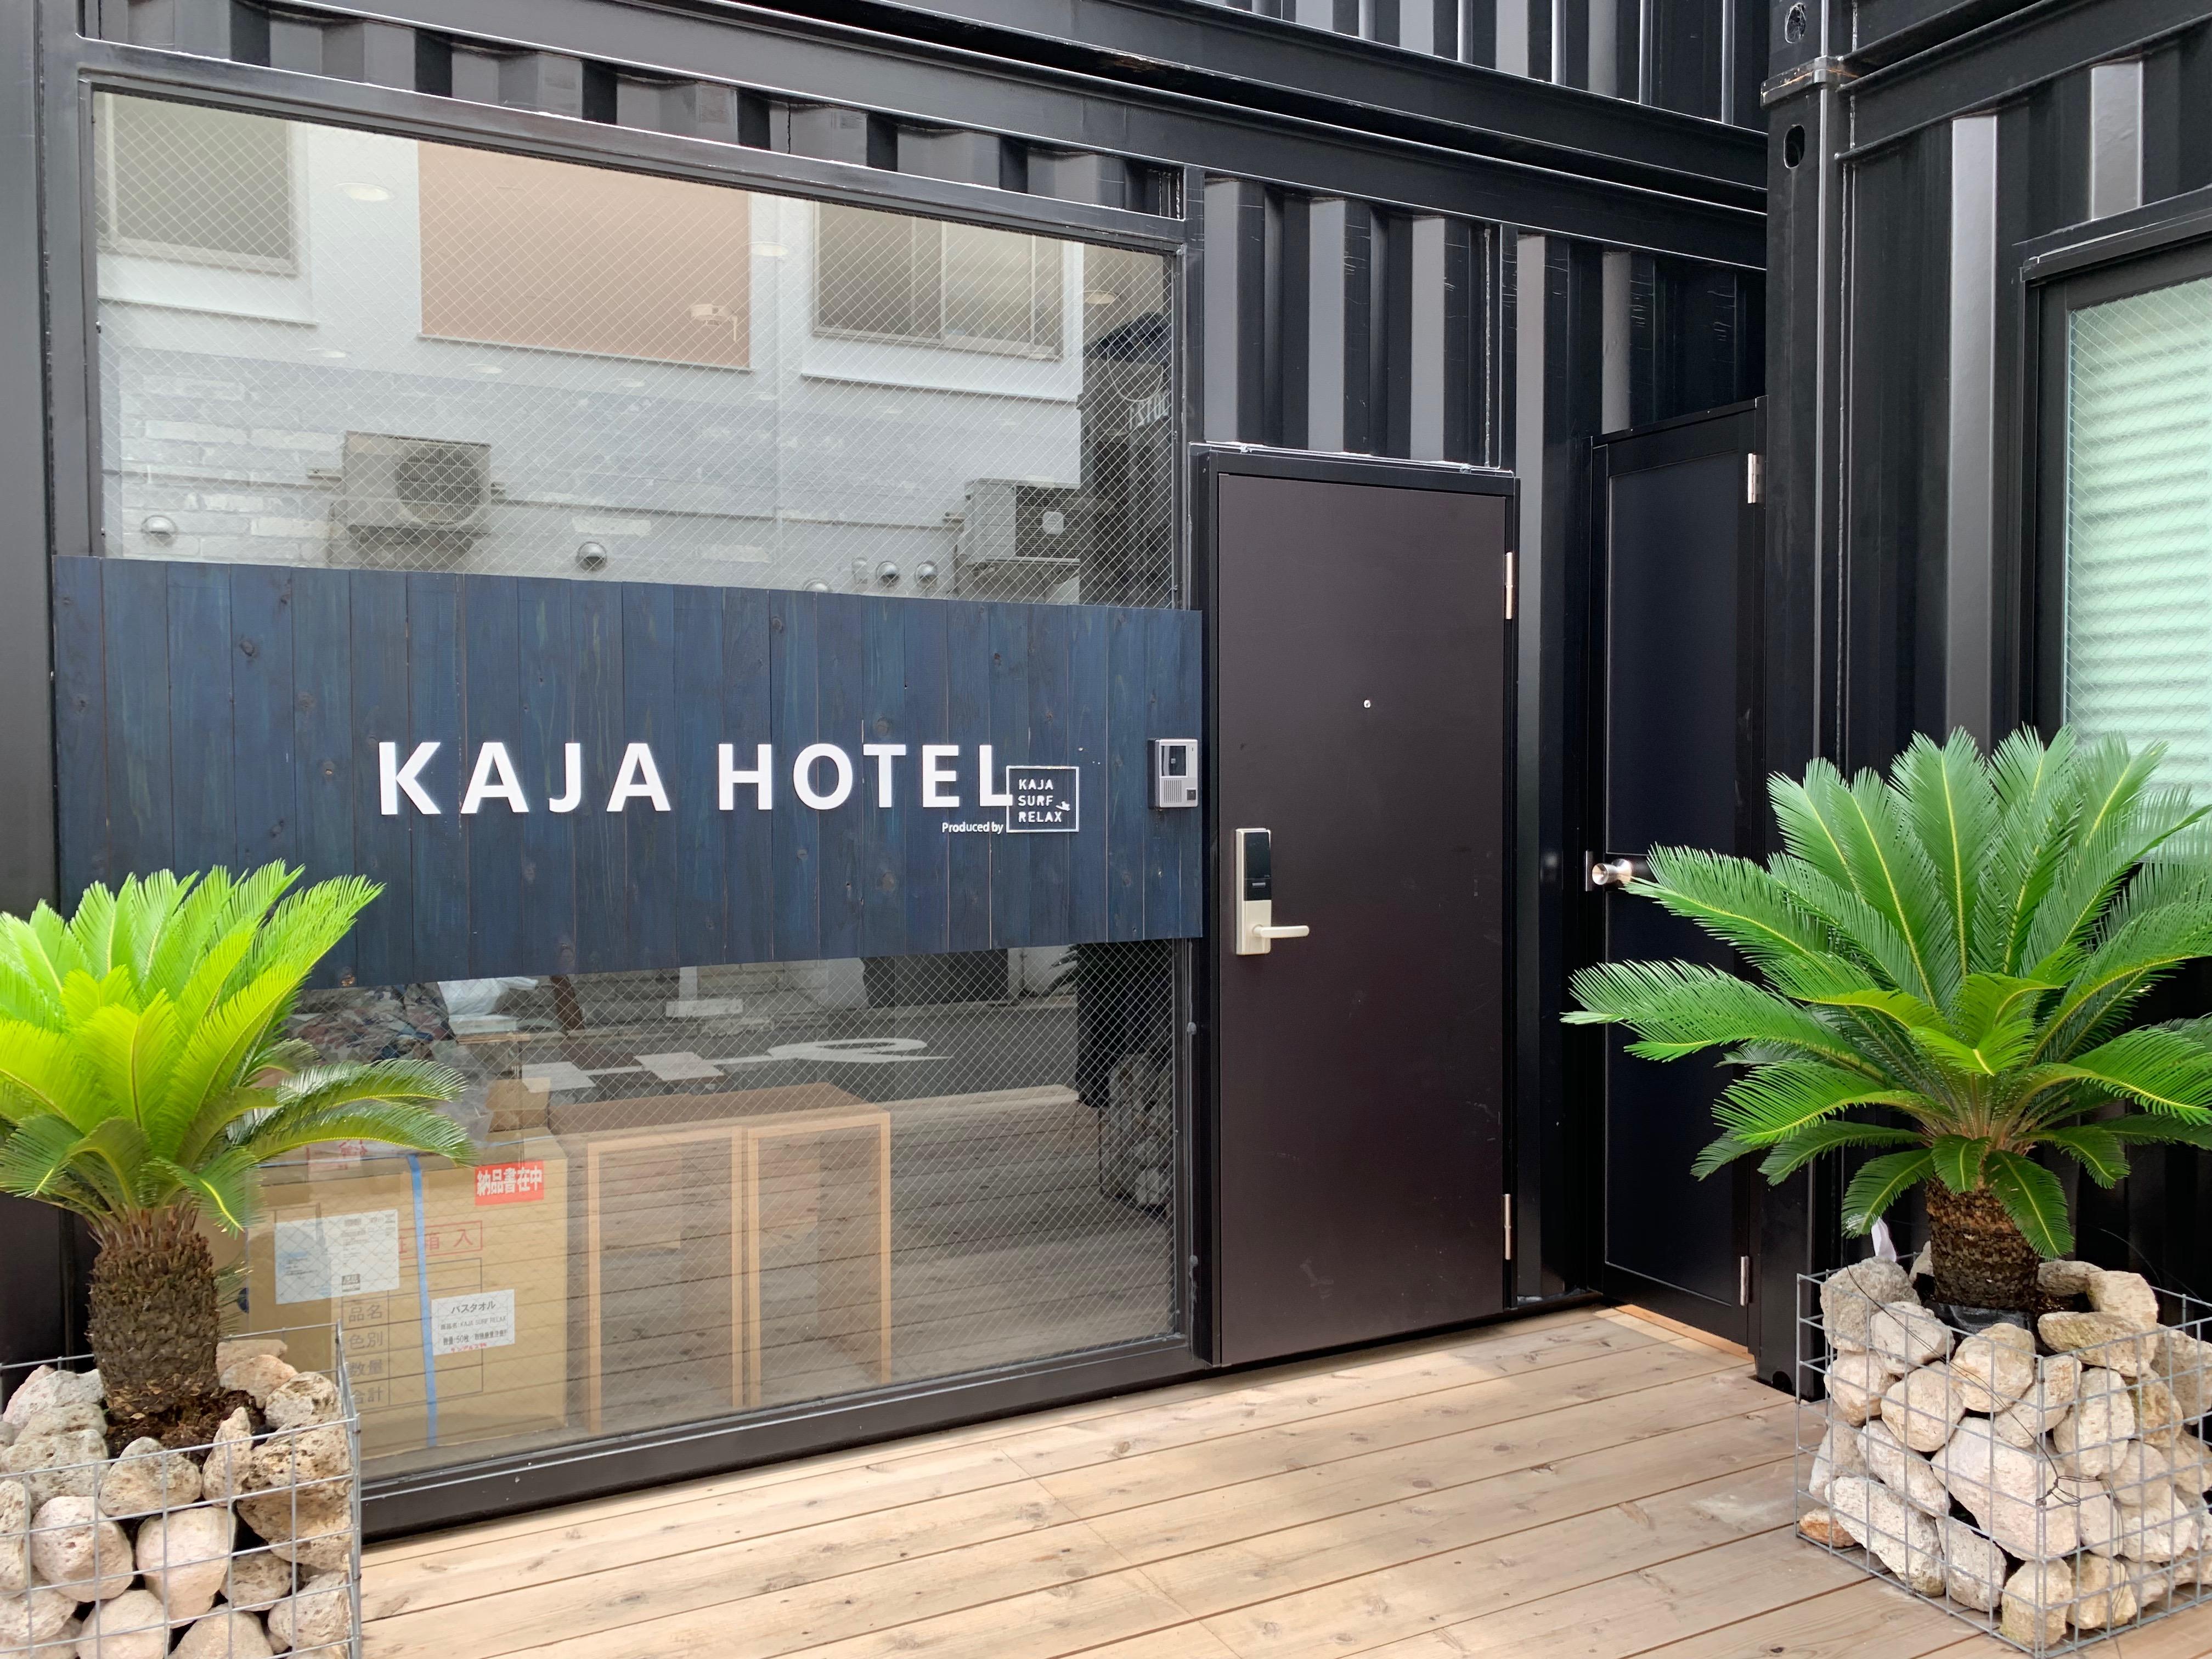 KAJA HOTEL @nishinari